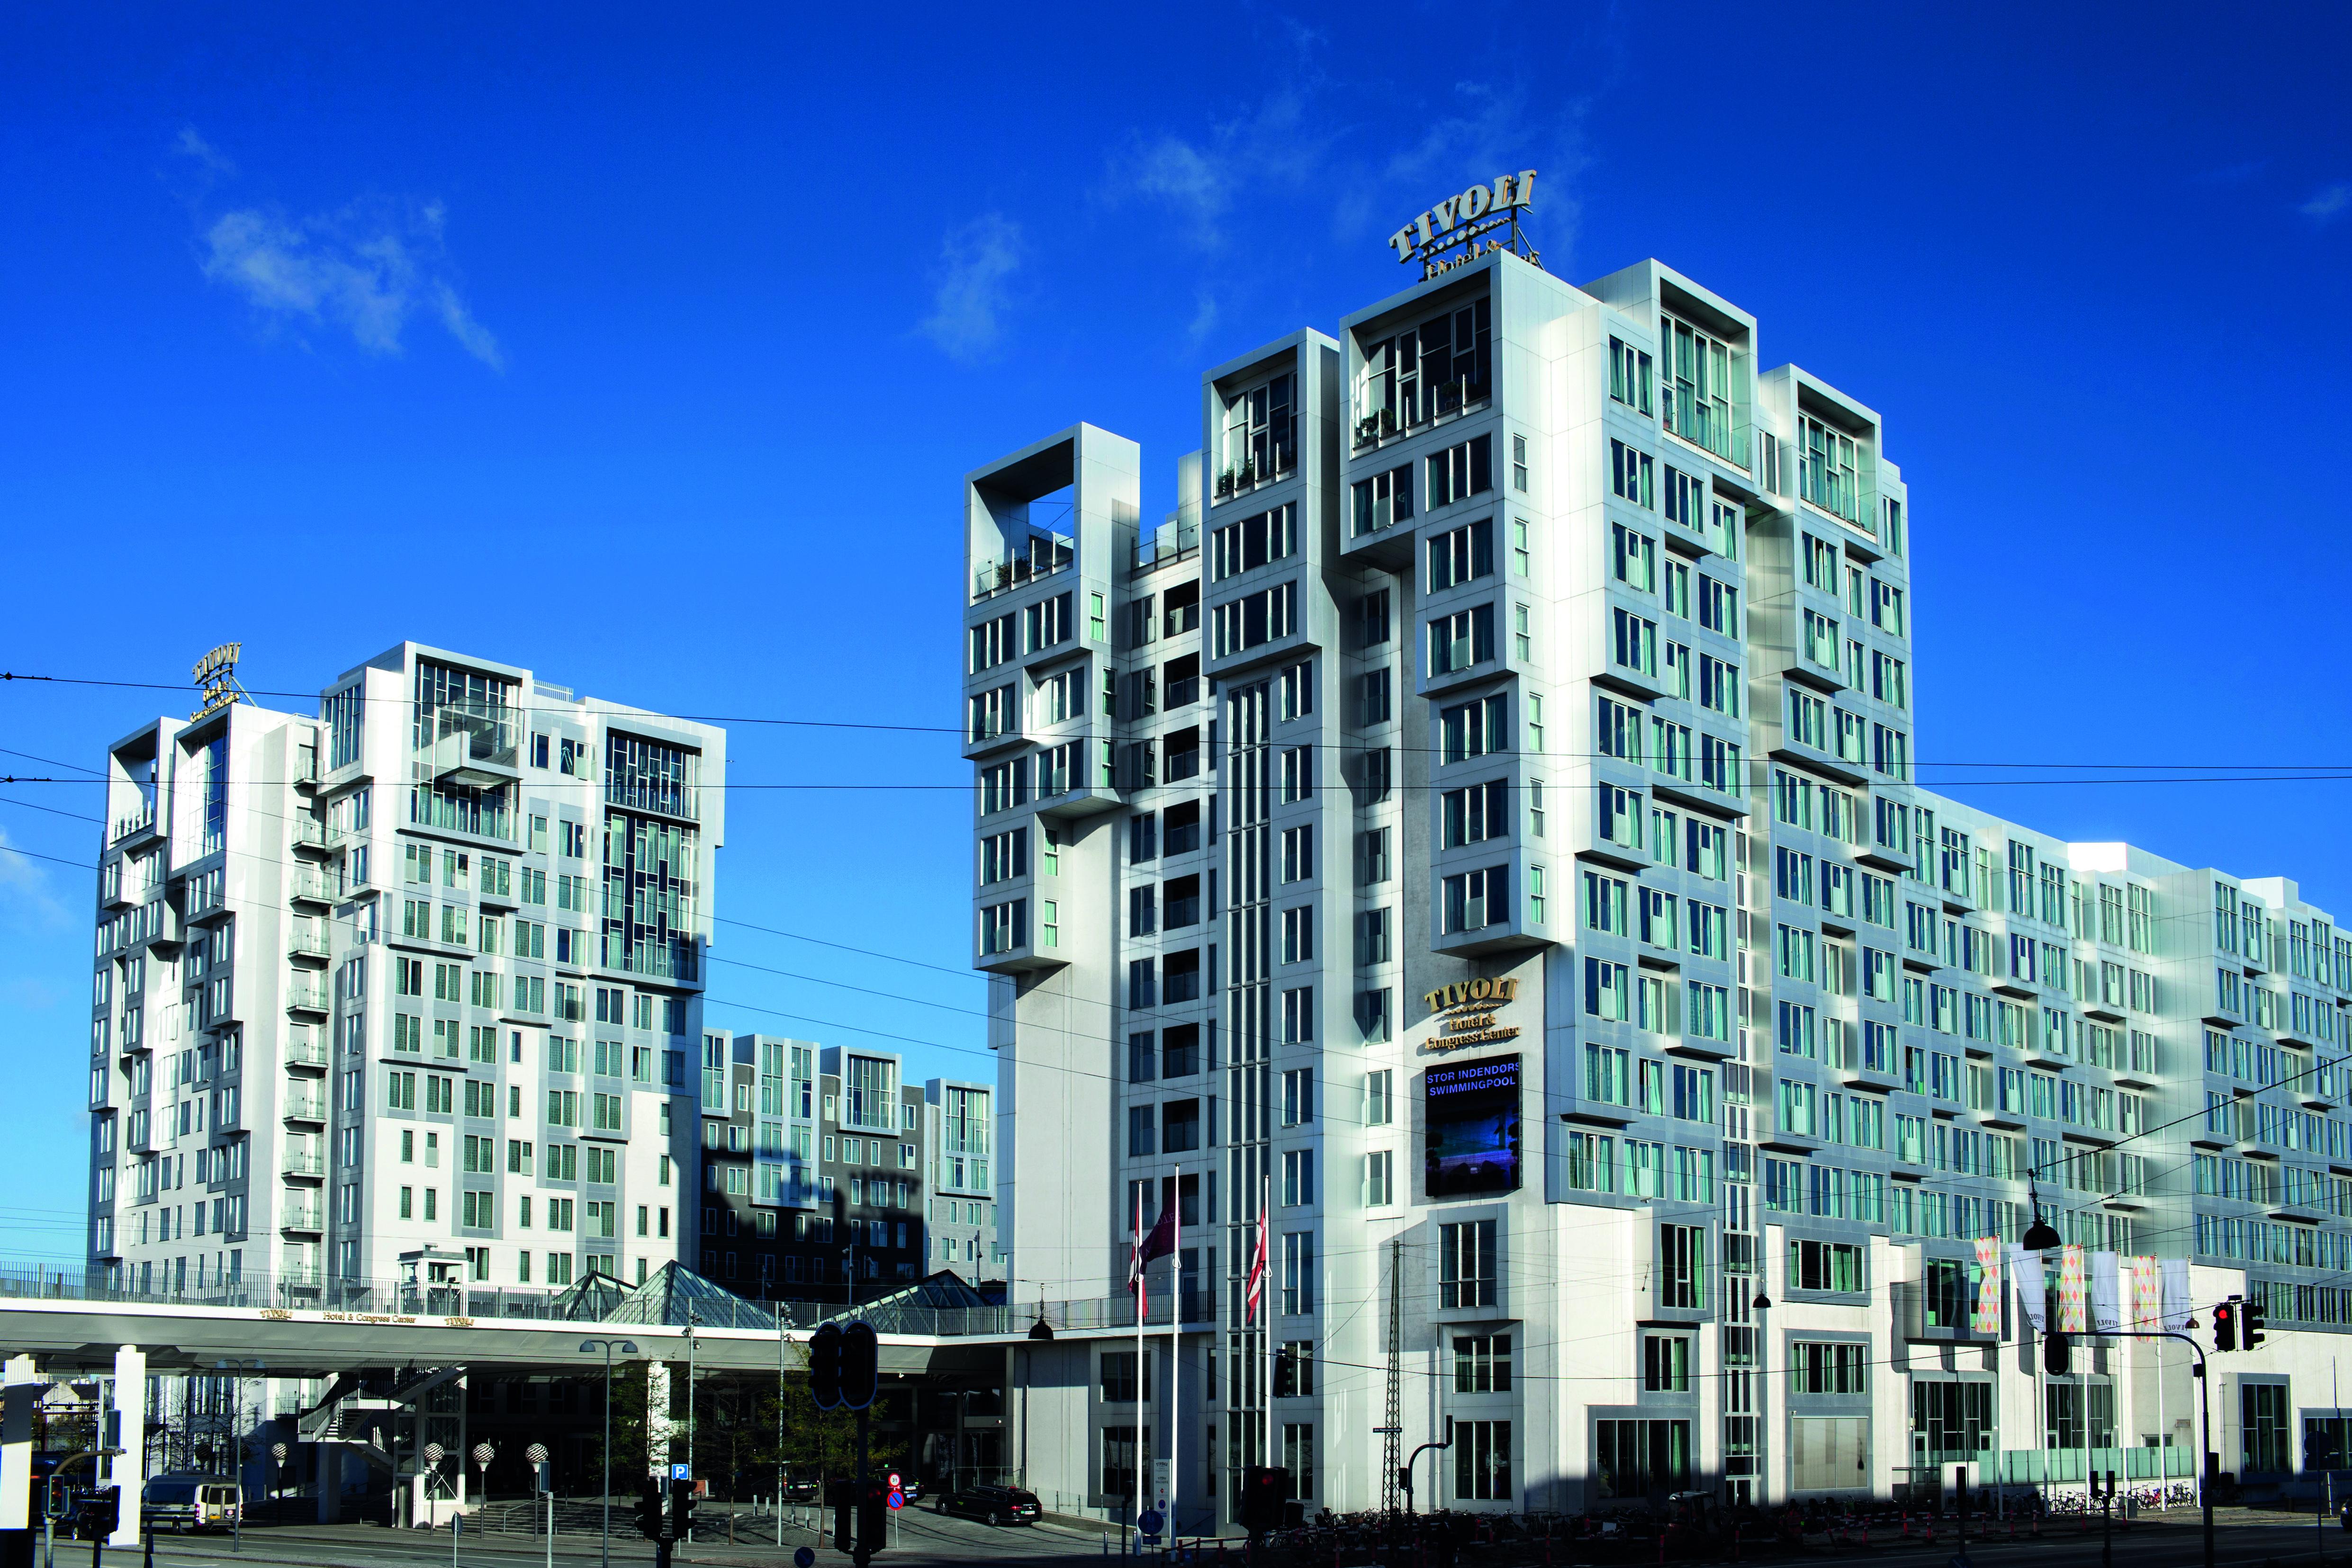 De tre ejere af Københavns største hotelgruppe, Arp-Hansen, er god for over to milliarder kroner. Kædens største hotel i antal værelser er Tivoli Hotel & Congress Center med 679 værelser. Foto: Arp-Hansen Hotel Group.